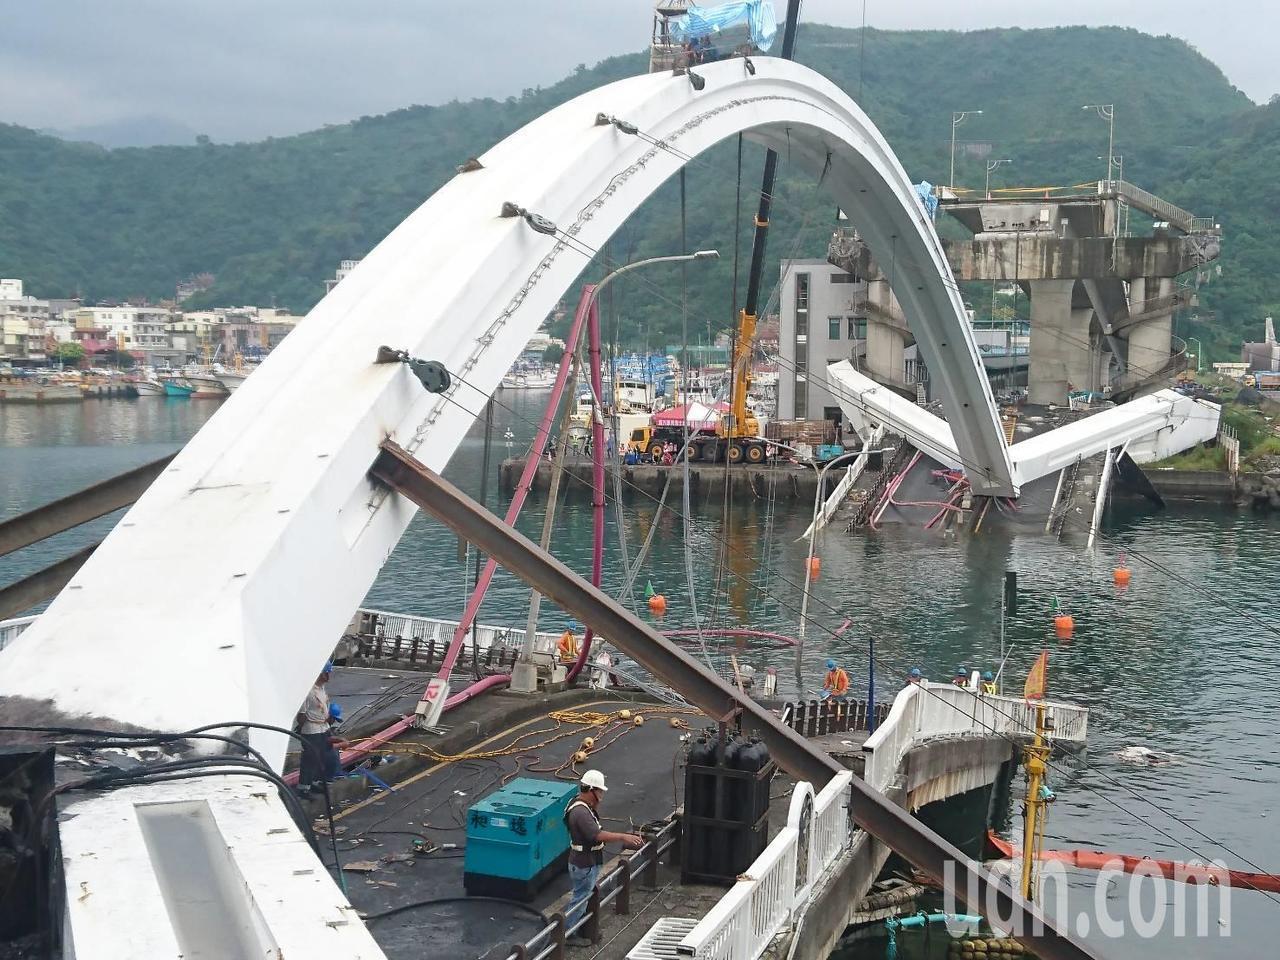 南方澳斷橋今天封港開拆,宜蘭地檢署部署人力,同步證據保全。記者羅建旺/攝影